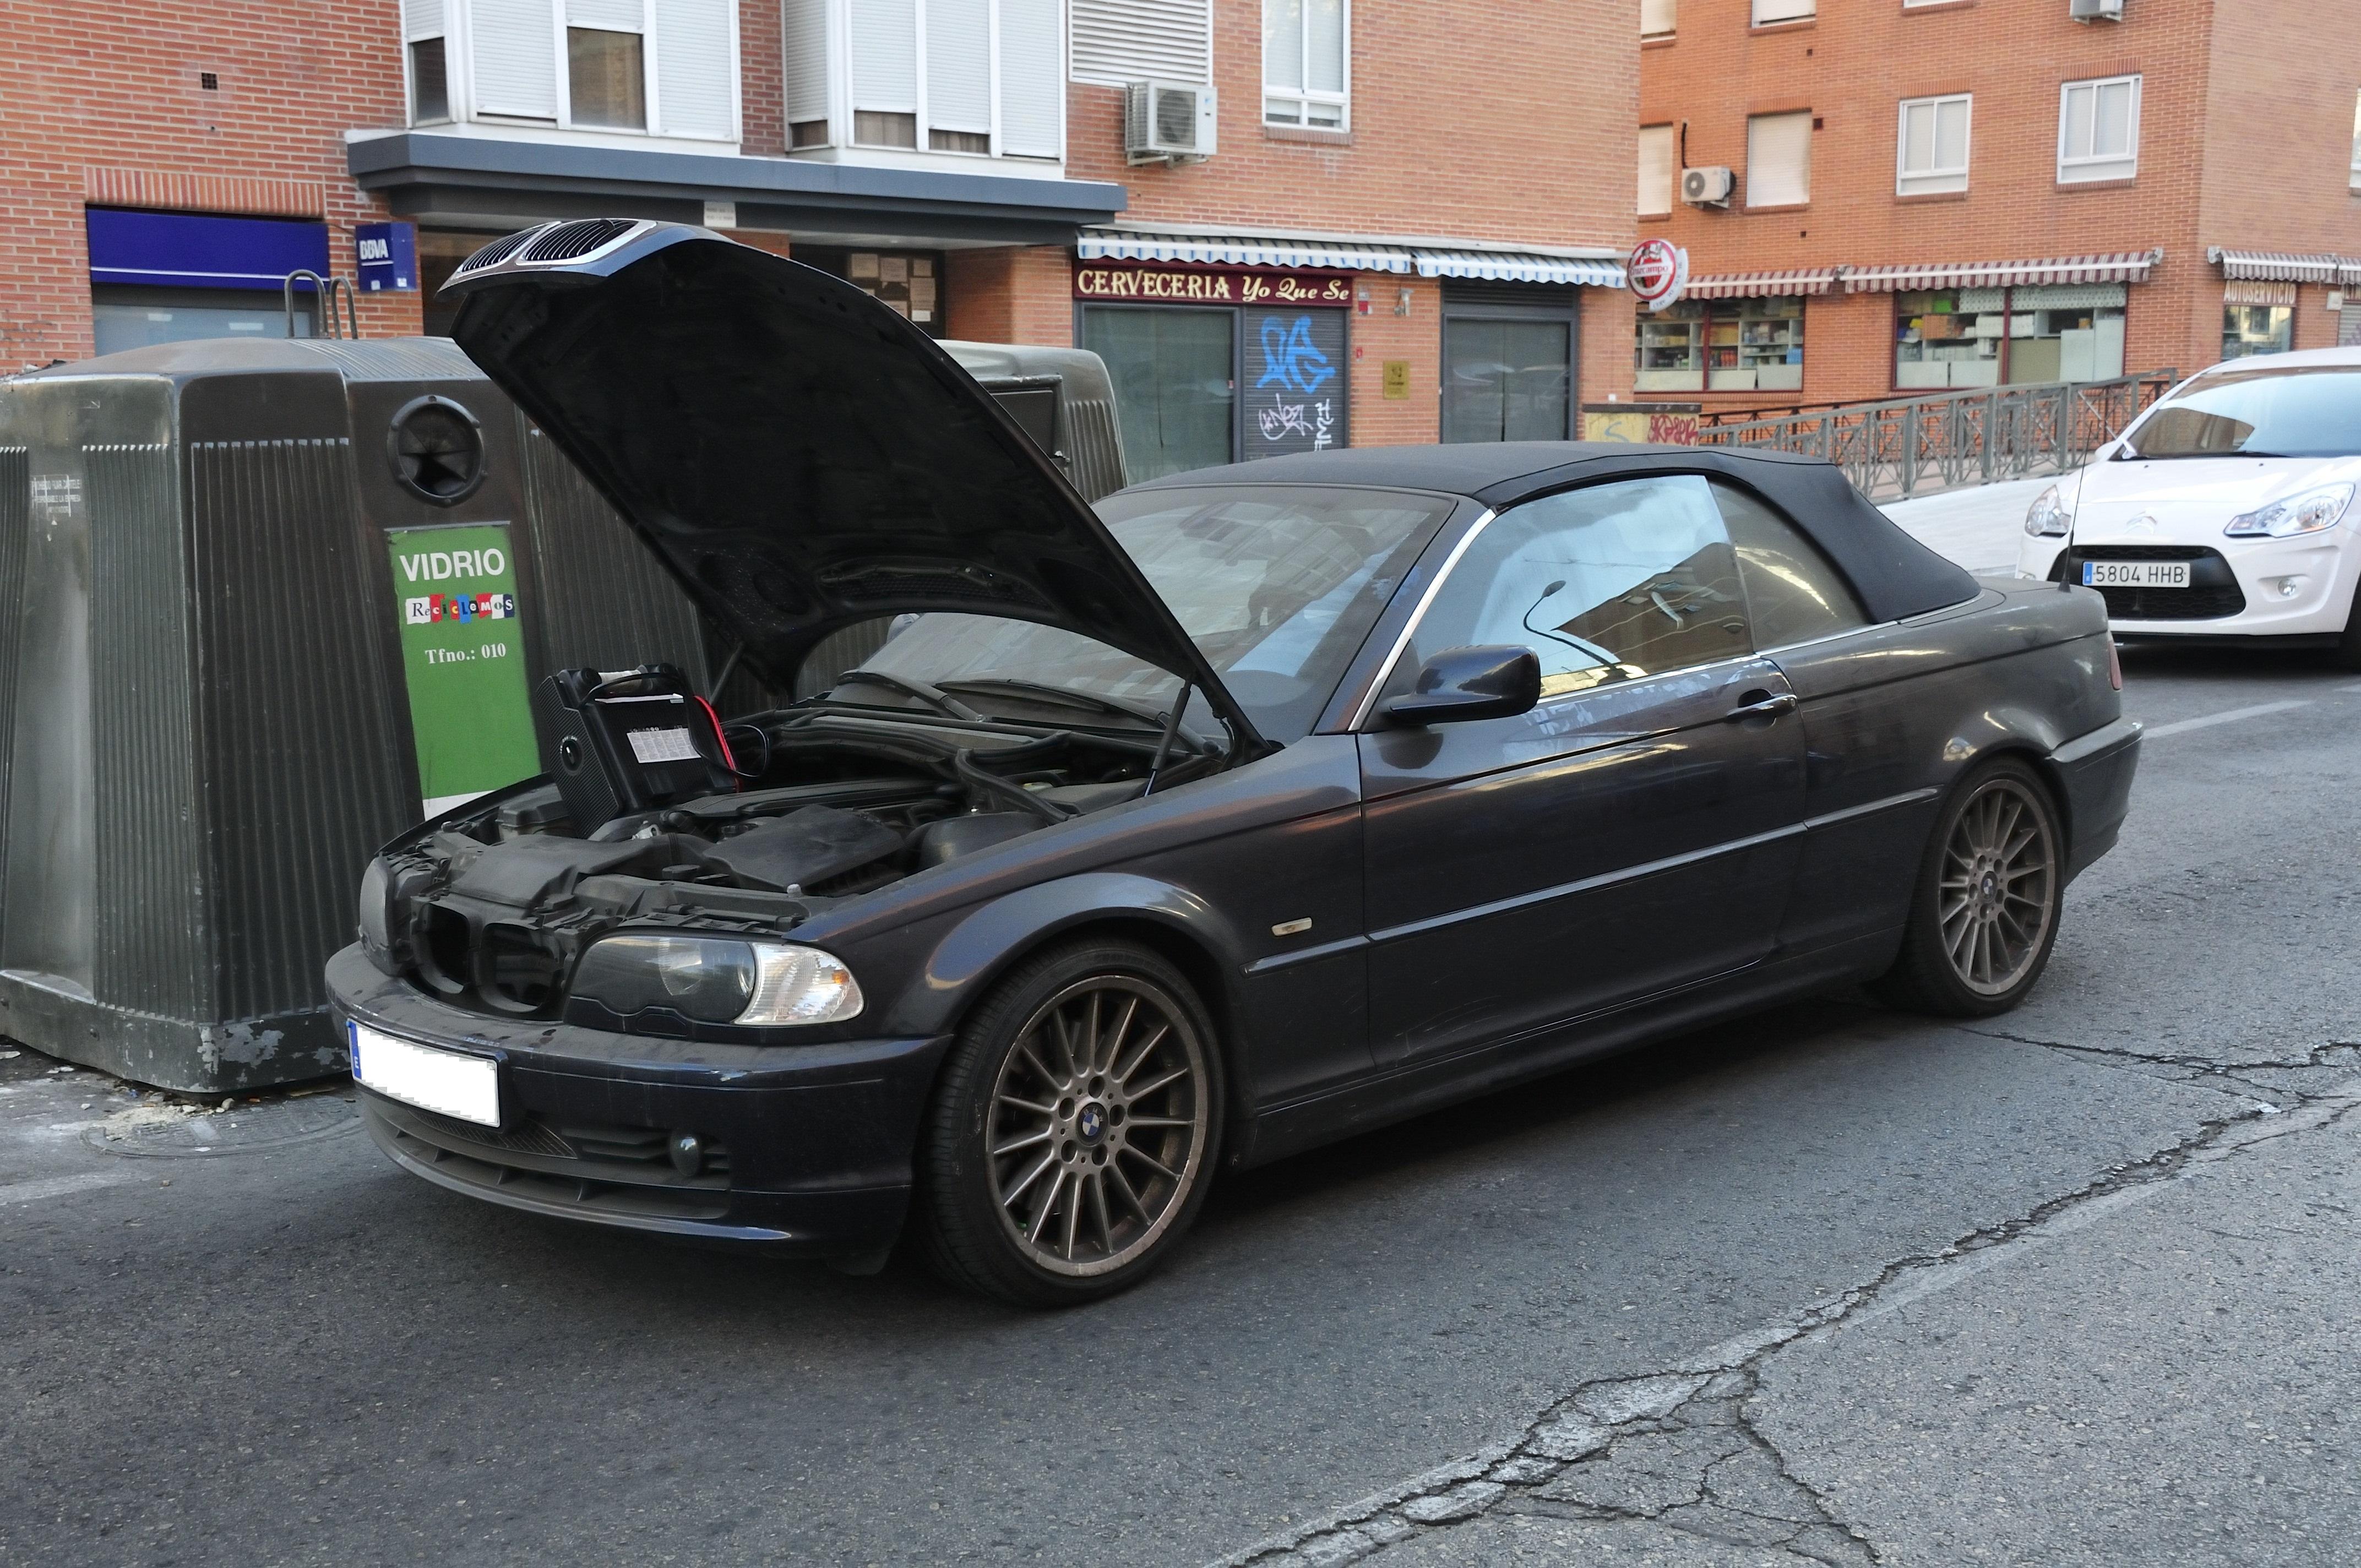 011 Cool Bmw Z1 Joyas sobre Ruedas Cars Trend